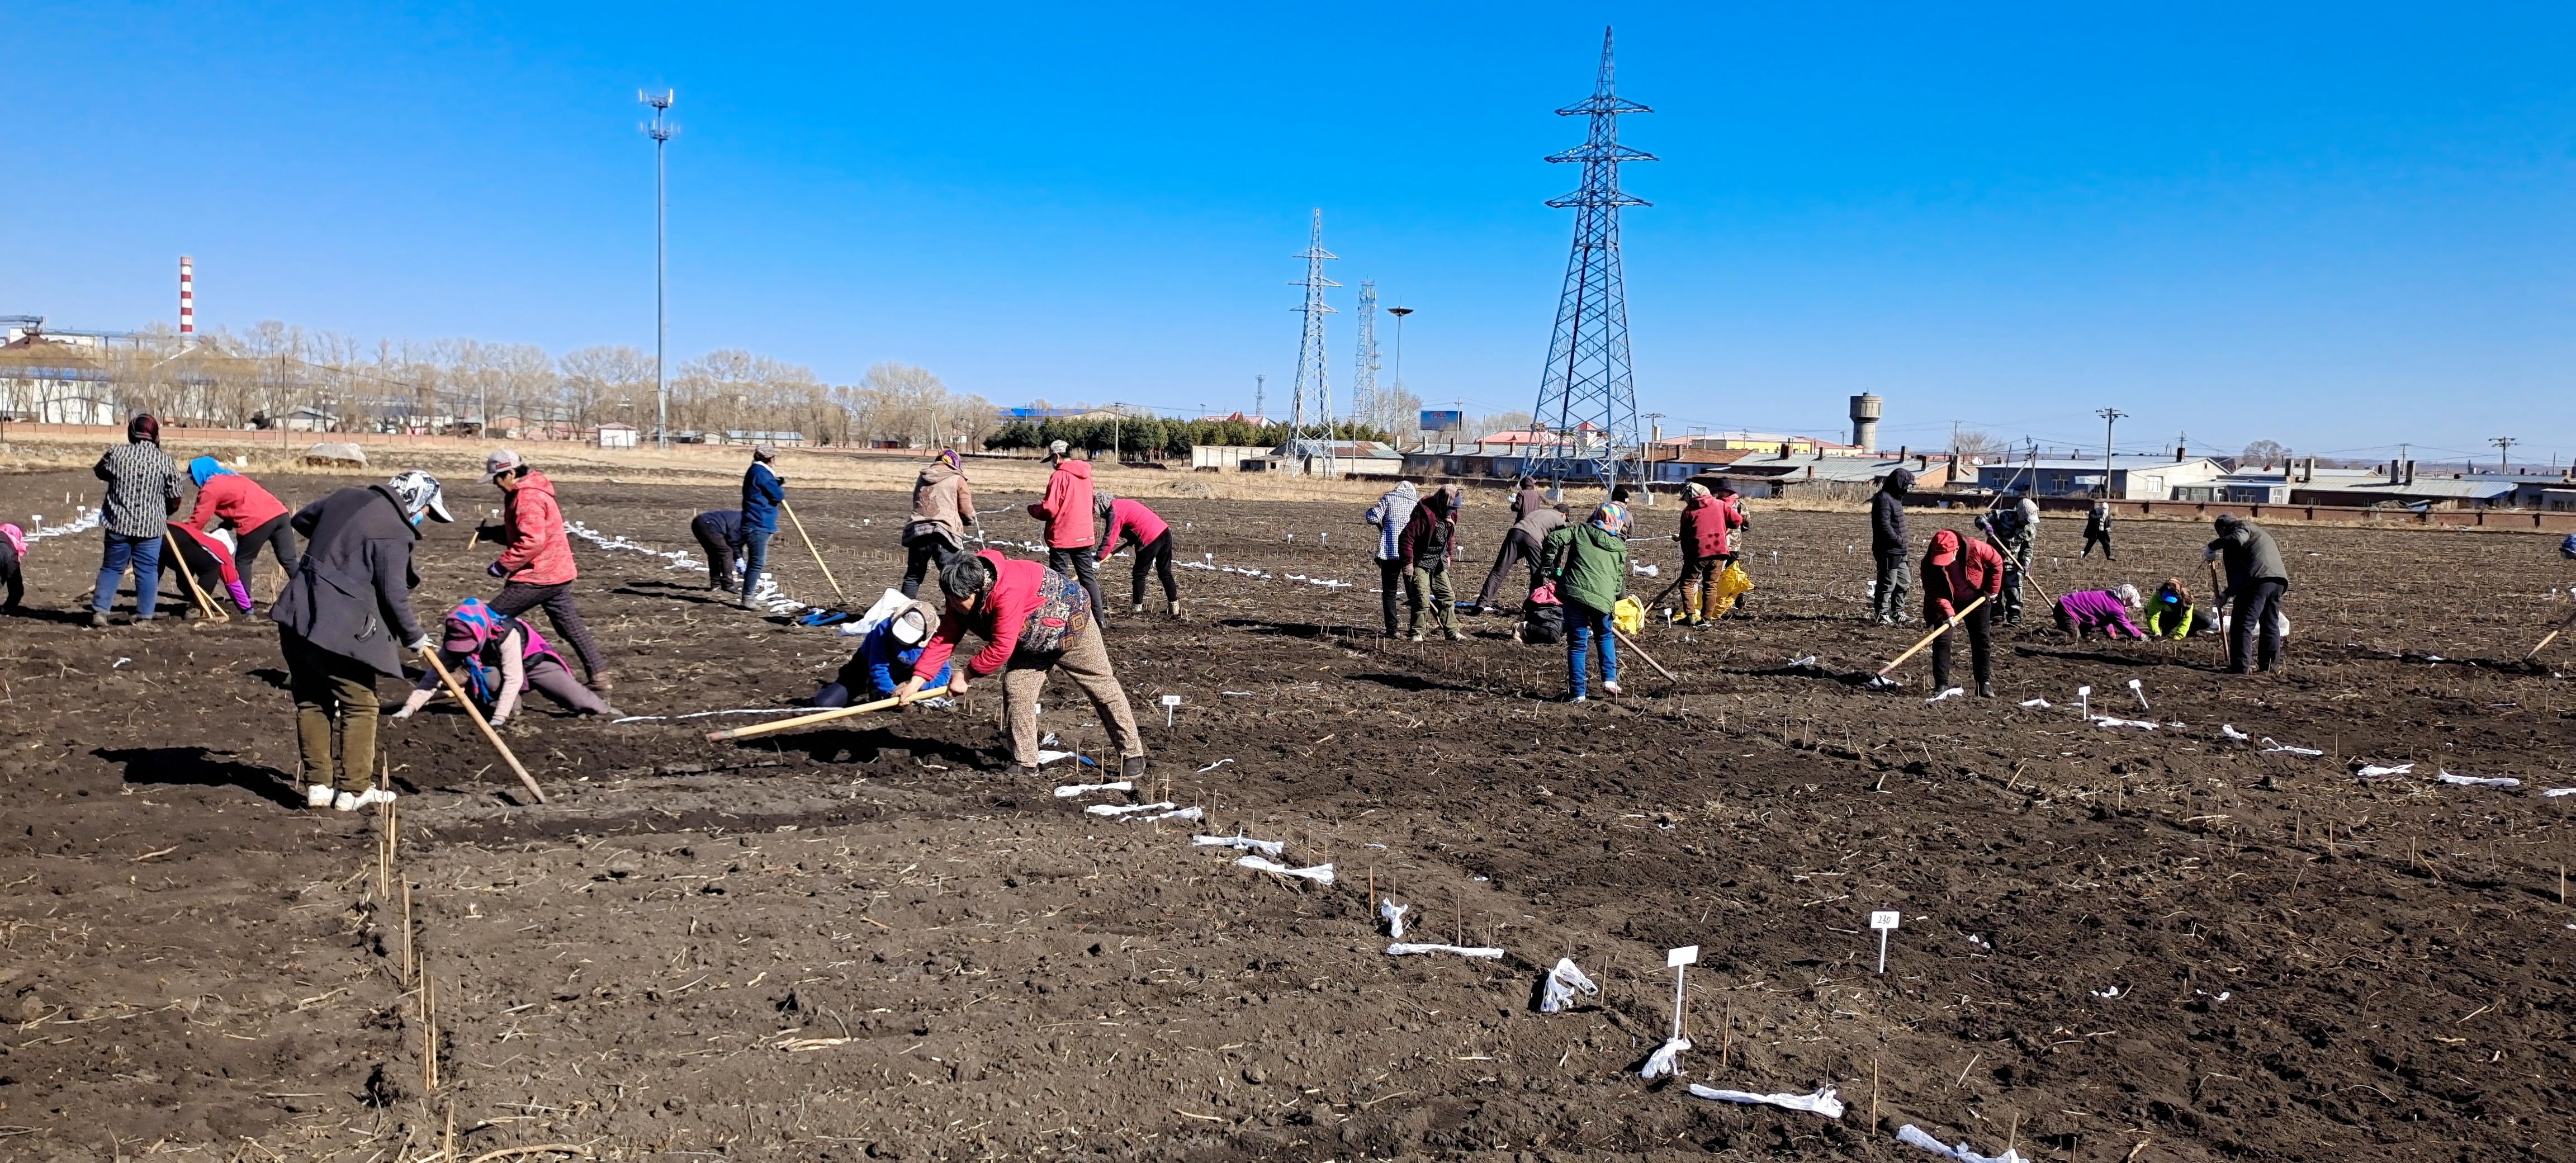 克山分院小麦育种材料播种现场